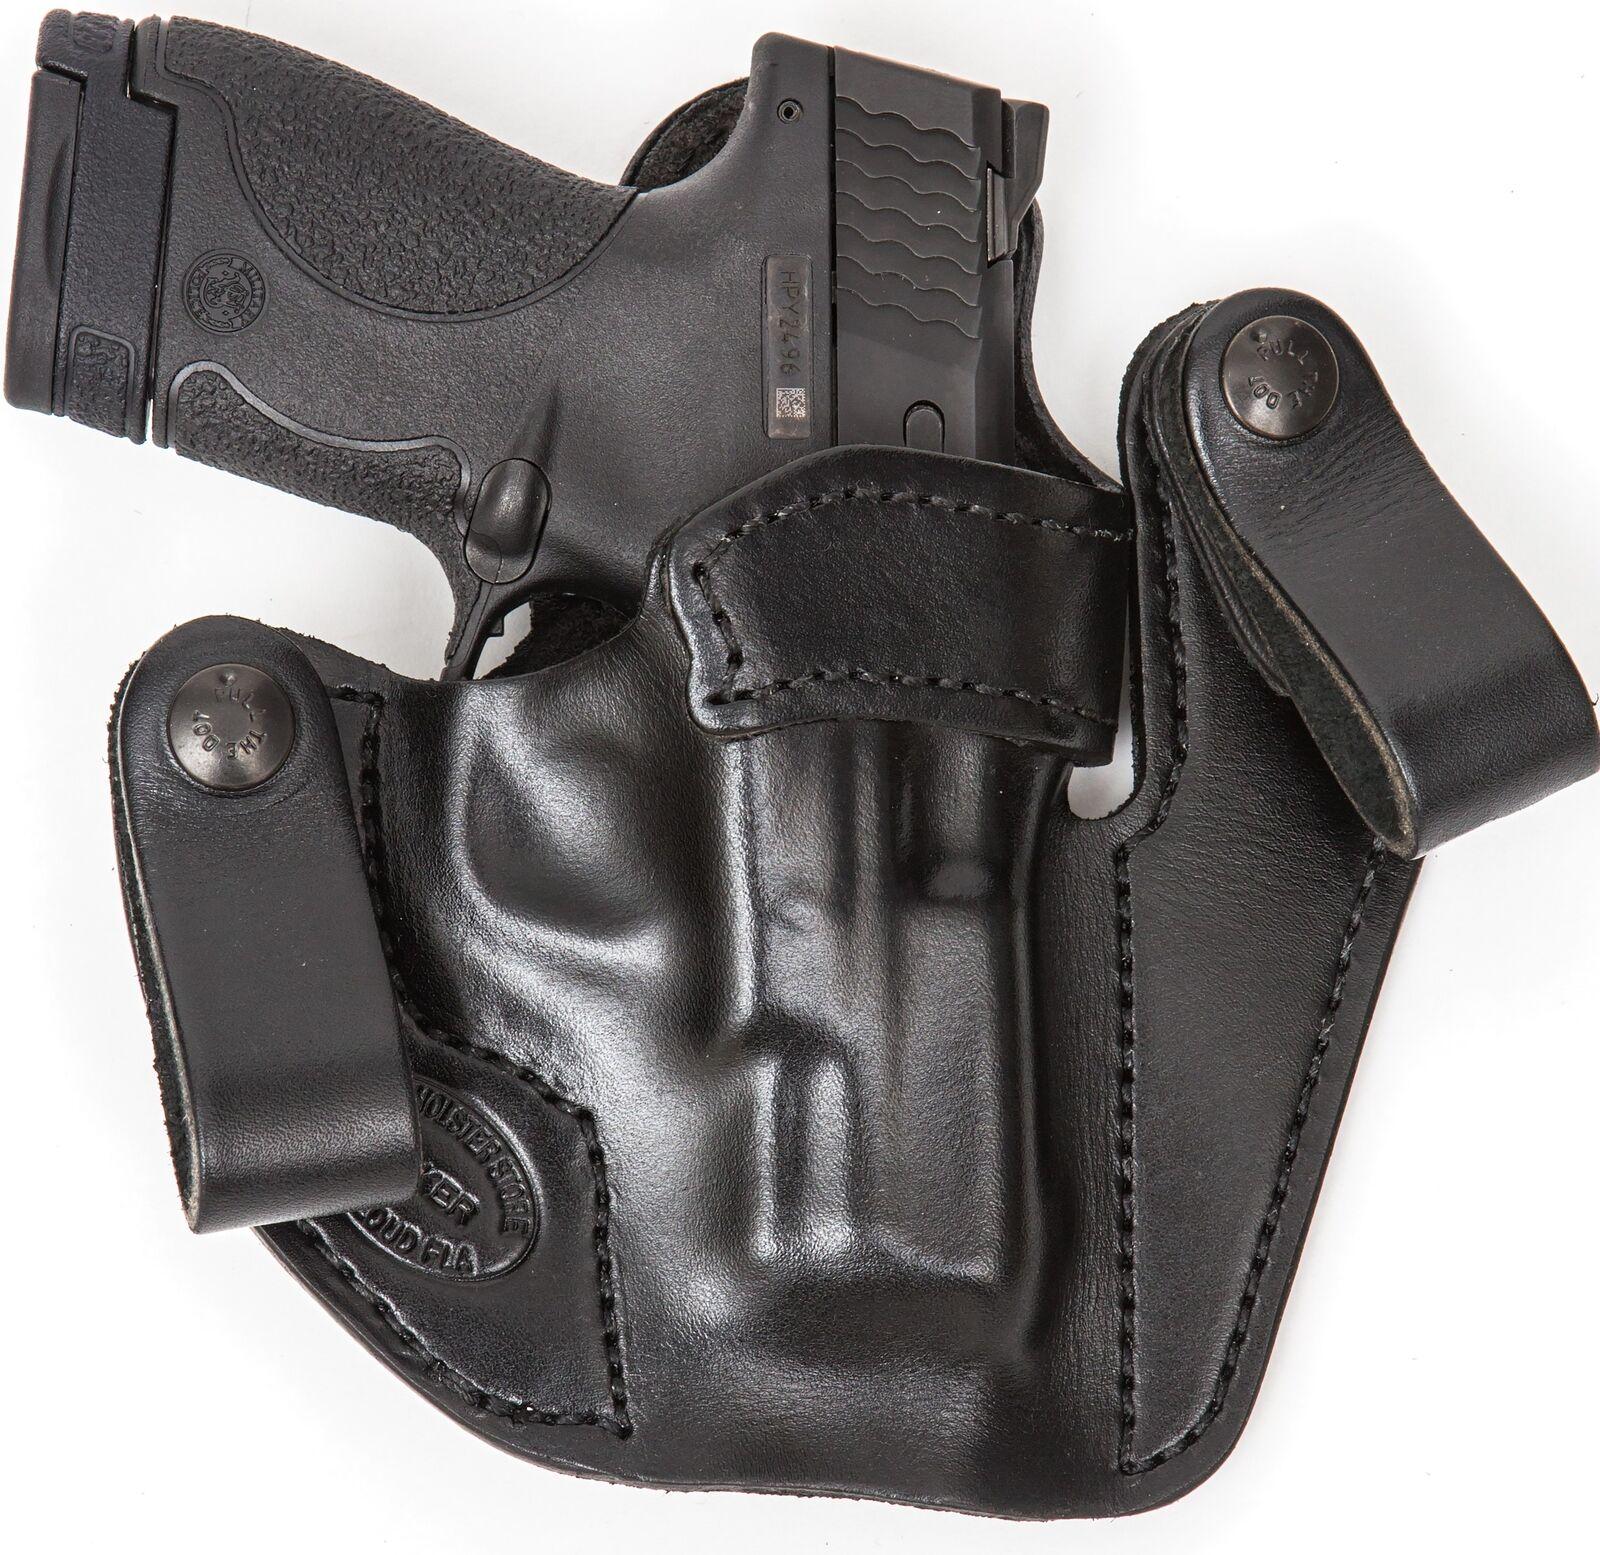 XTREME llevar RH LH dentro de la cintura de cuero Funda Pistola Para Beretta verdeec